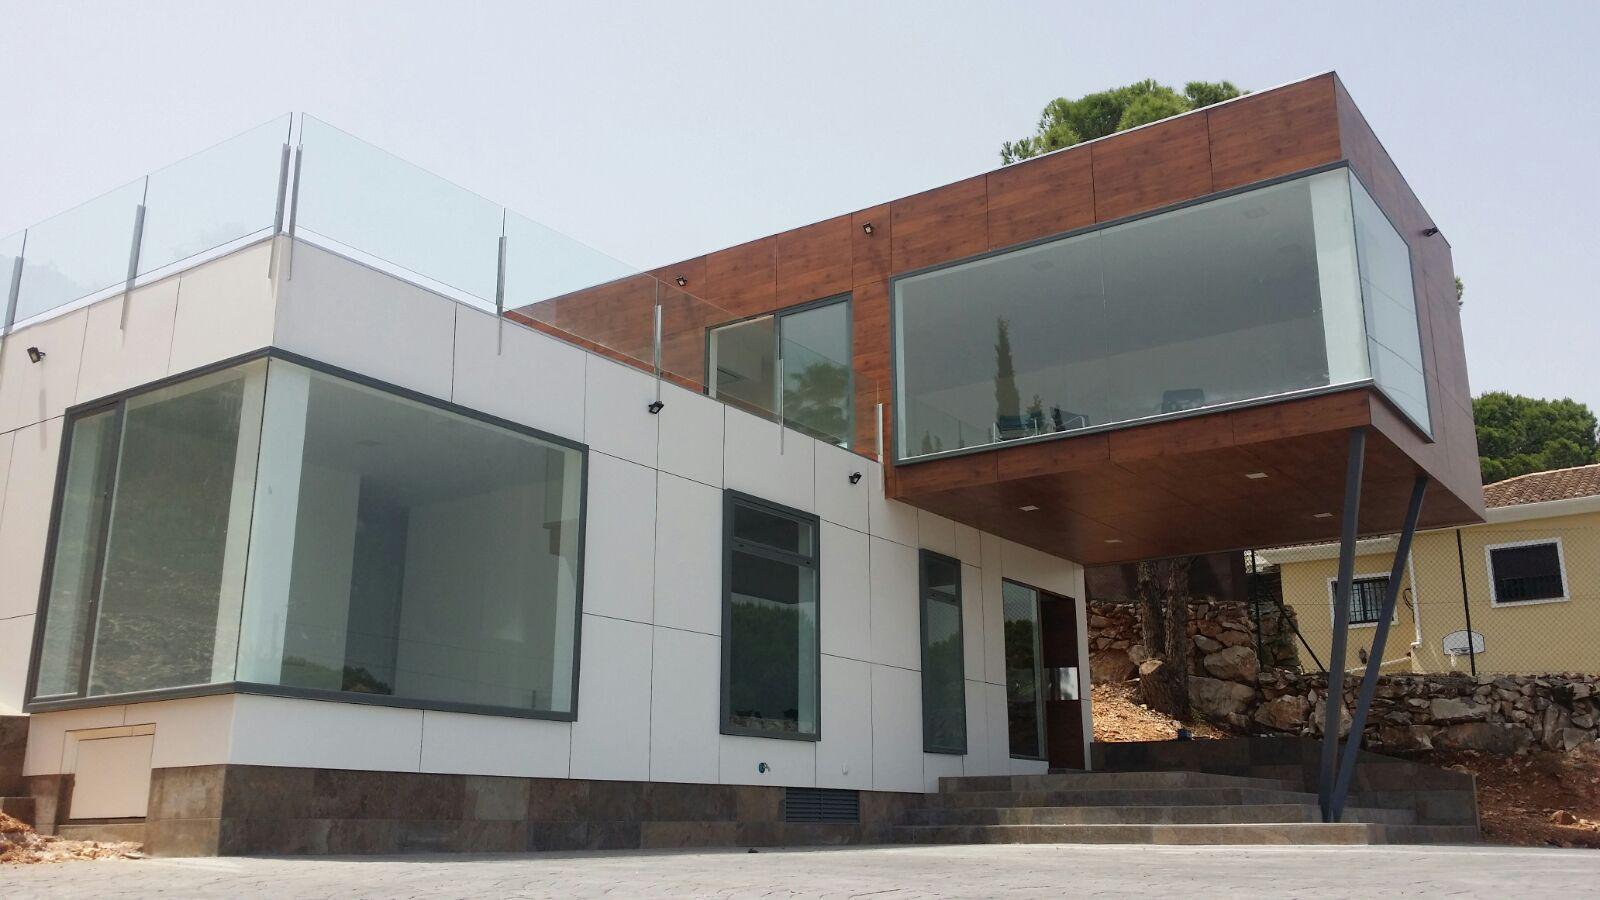 Casas prefabricadas con contenedores precios dise os y - Feria de casas prefabricadas ...